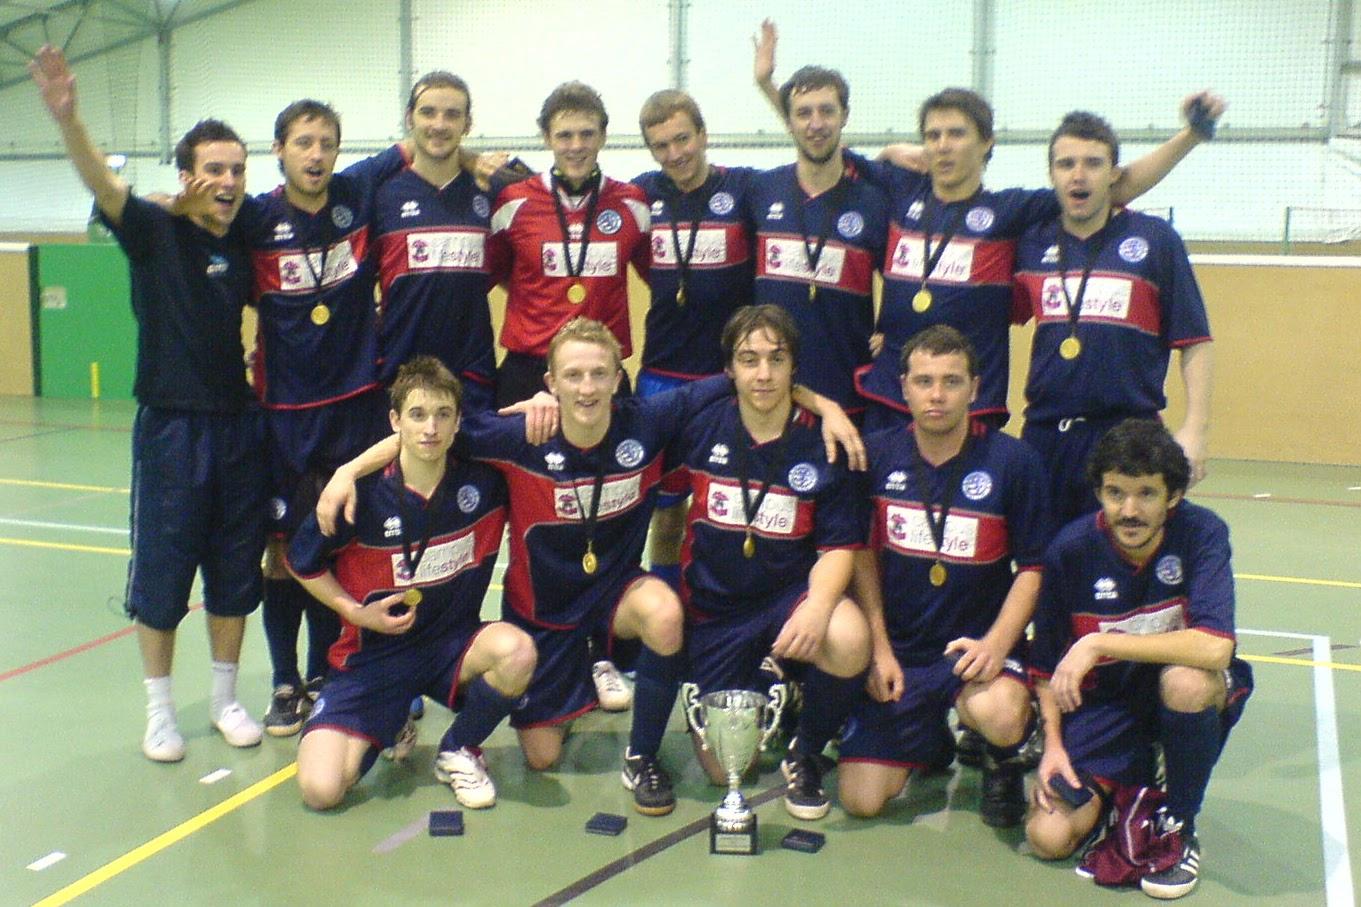 Boro Futsal champions of the York Futsal Open 2007